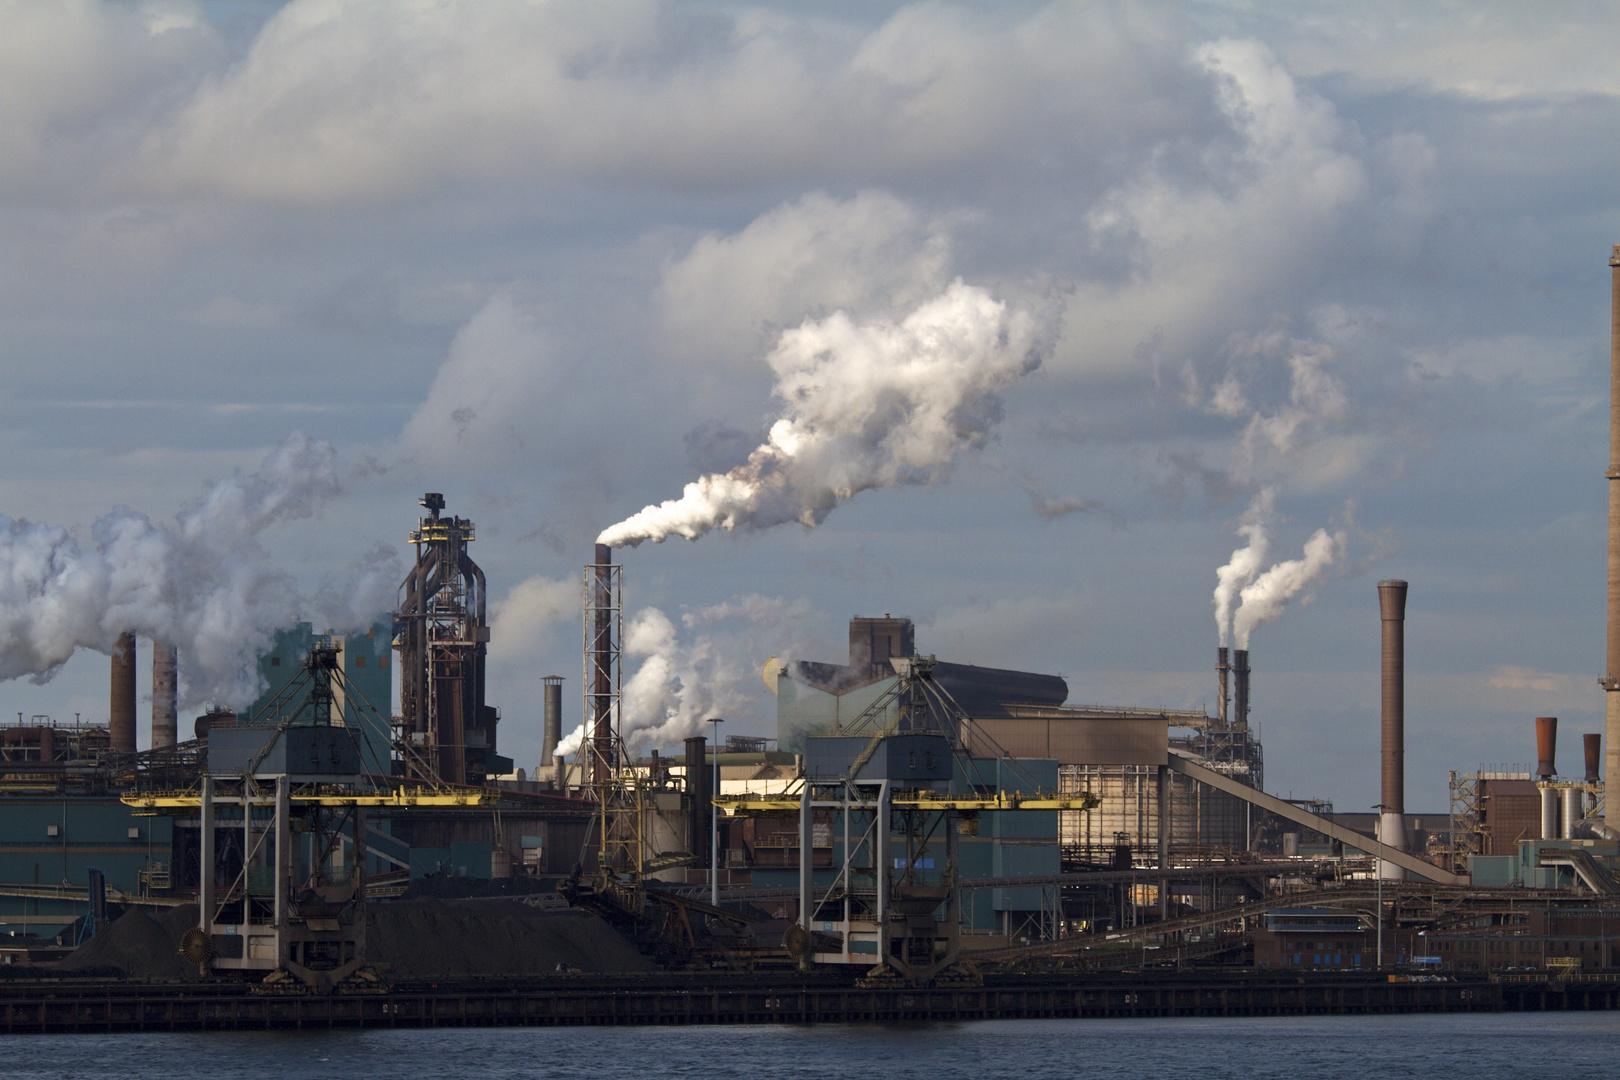 Industriehafen Amsterdam